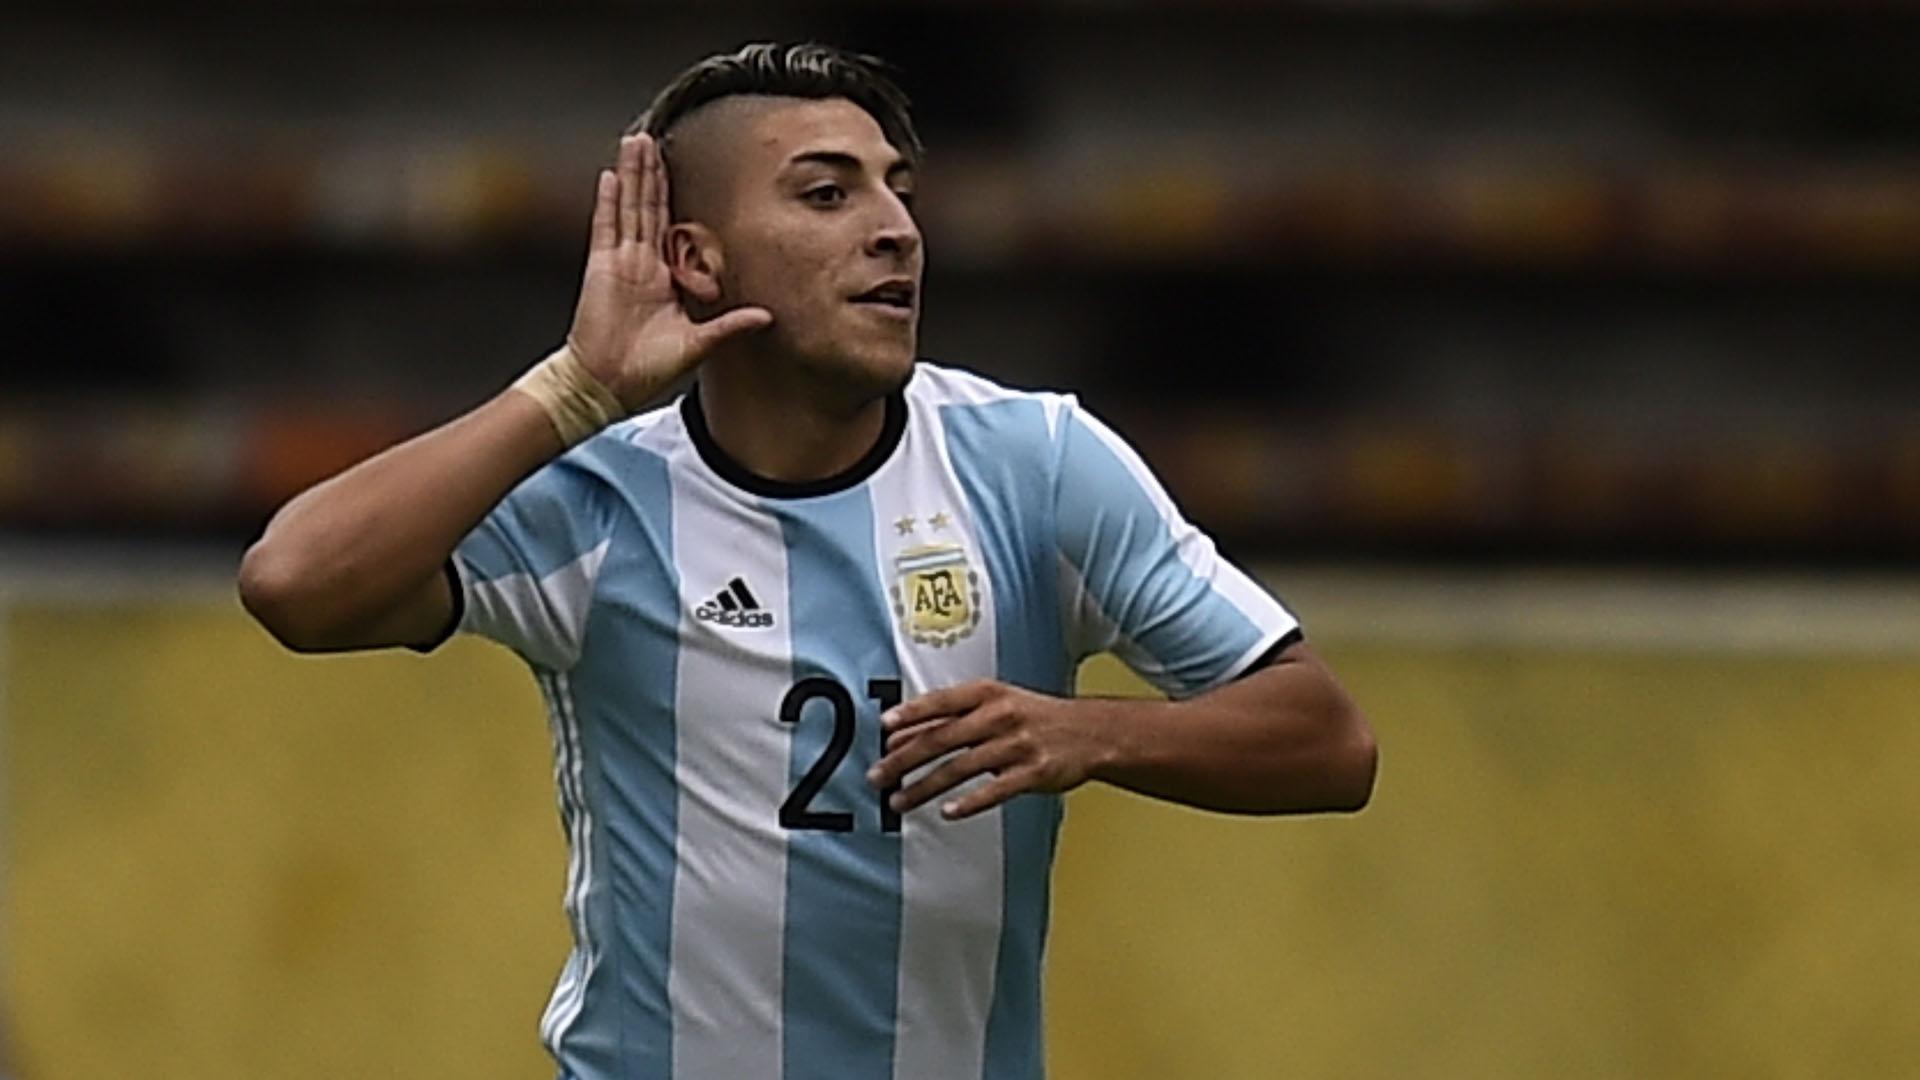 El delantero de Boca fue figura de la selección sub 20 (AFP)